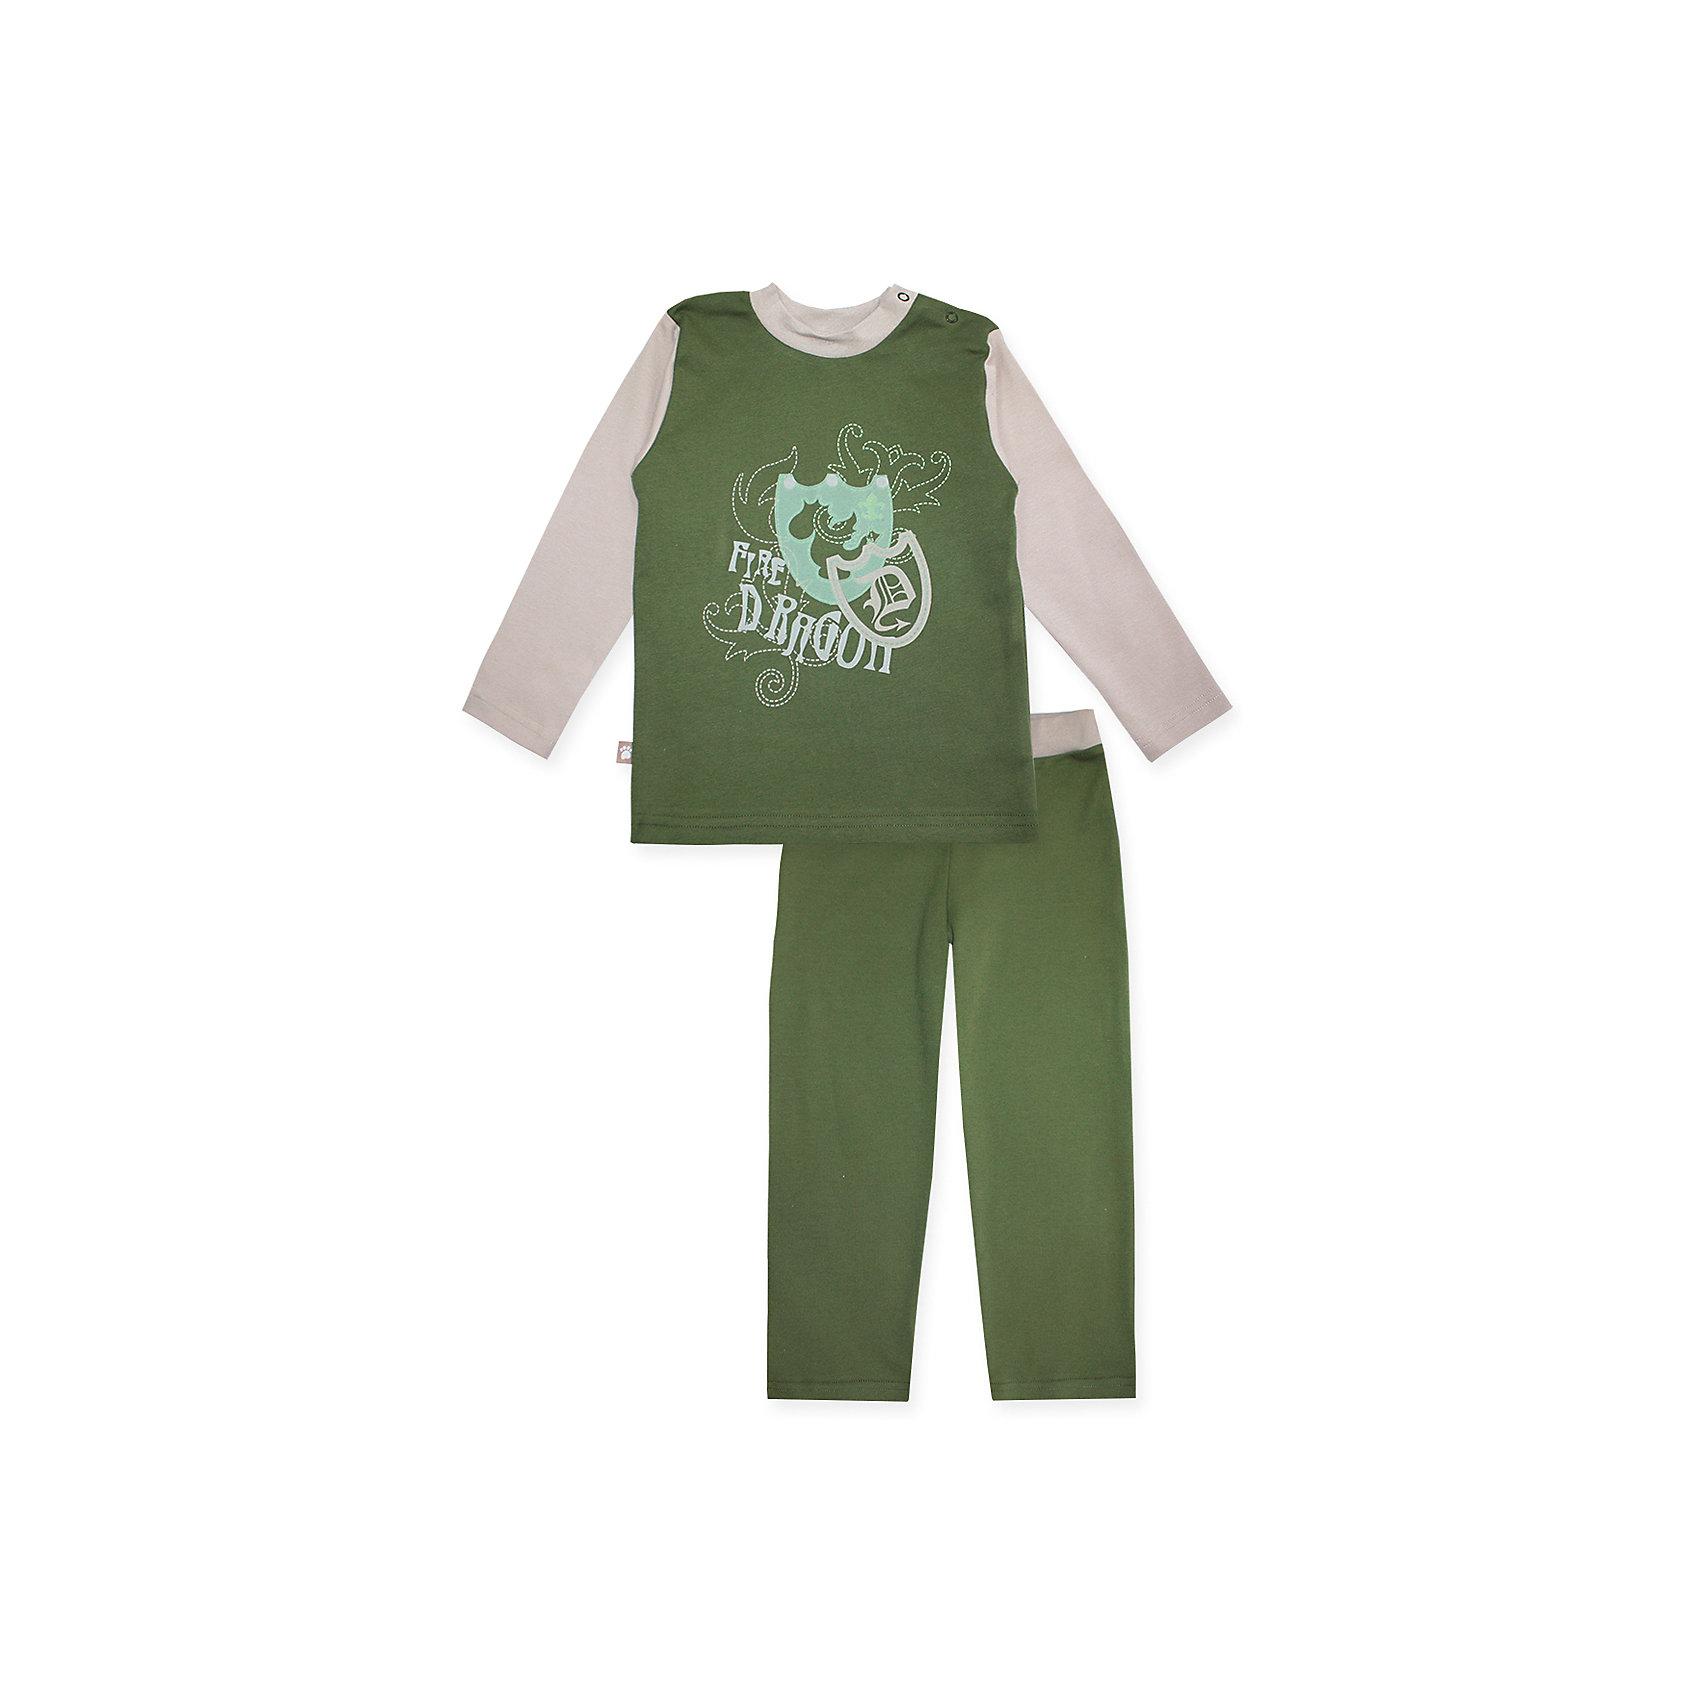 Пижама: футболка с длинным рукавом и штаны для мальчика KotMarKotПижамы и сорочки<br>Пижама: футболка с длинным рукавом и штаны для мальчика от известного бренда KotMarKot<br>Состав:<br>100% хлопок<br><br>Ширина мм: 281<br>Глубина мм: 70<br>Высота мм: 188<br>Вес г: 295<br>Цвет: зеленый<br>Возраст от месяцев: 72<br>Возраст до месяцев: 84<br>Пол: Мужской<br>Возраст: Детский<br>Размер: 110,116,134,104,128,122<br>SKU: 4873341